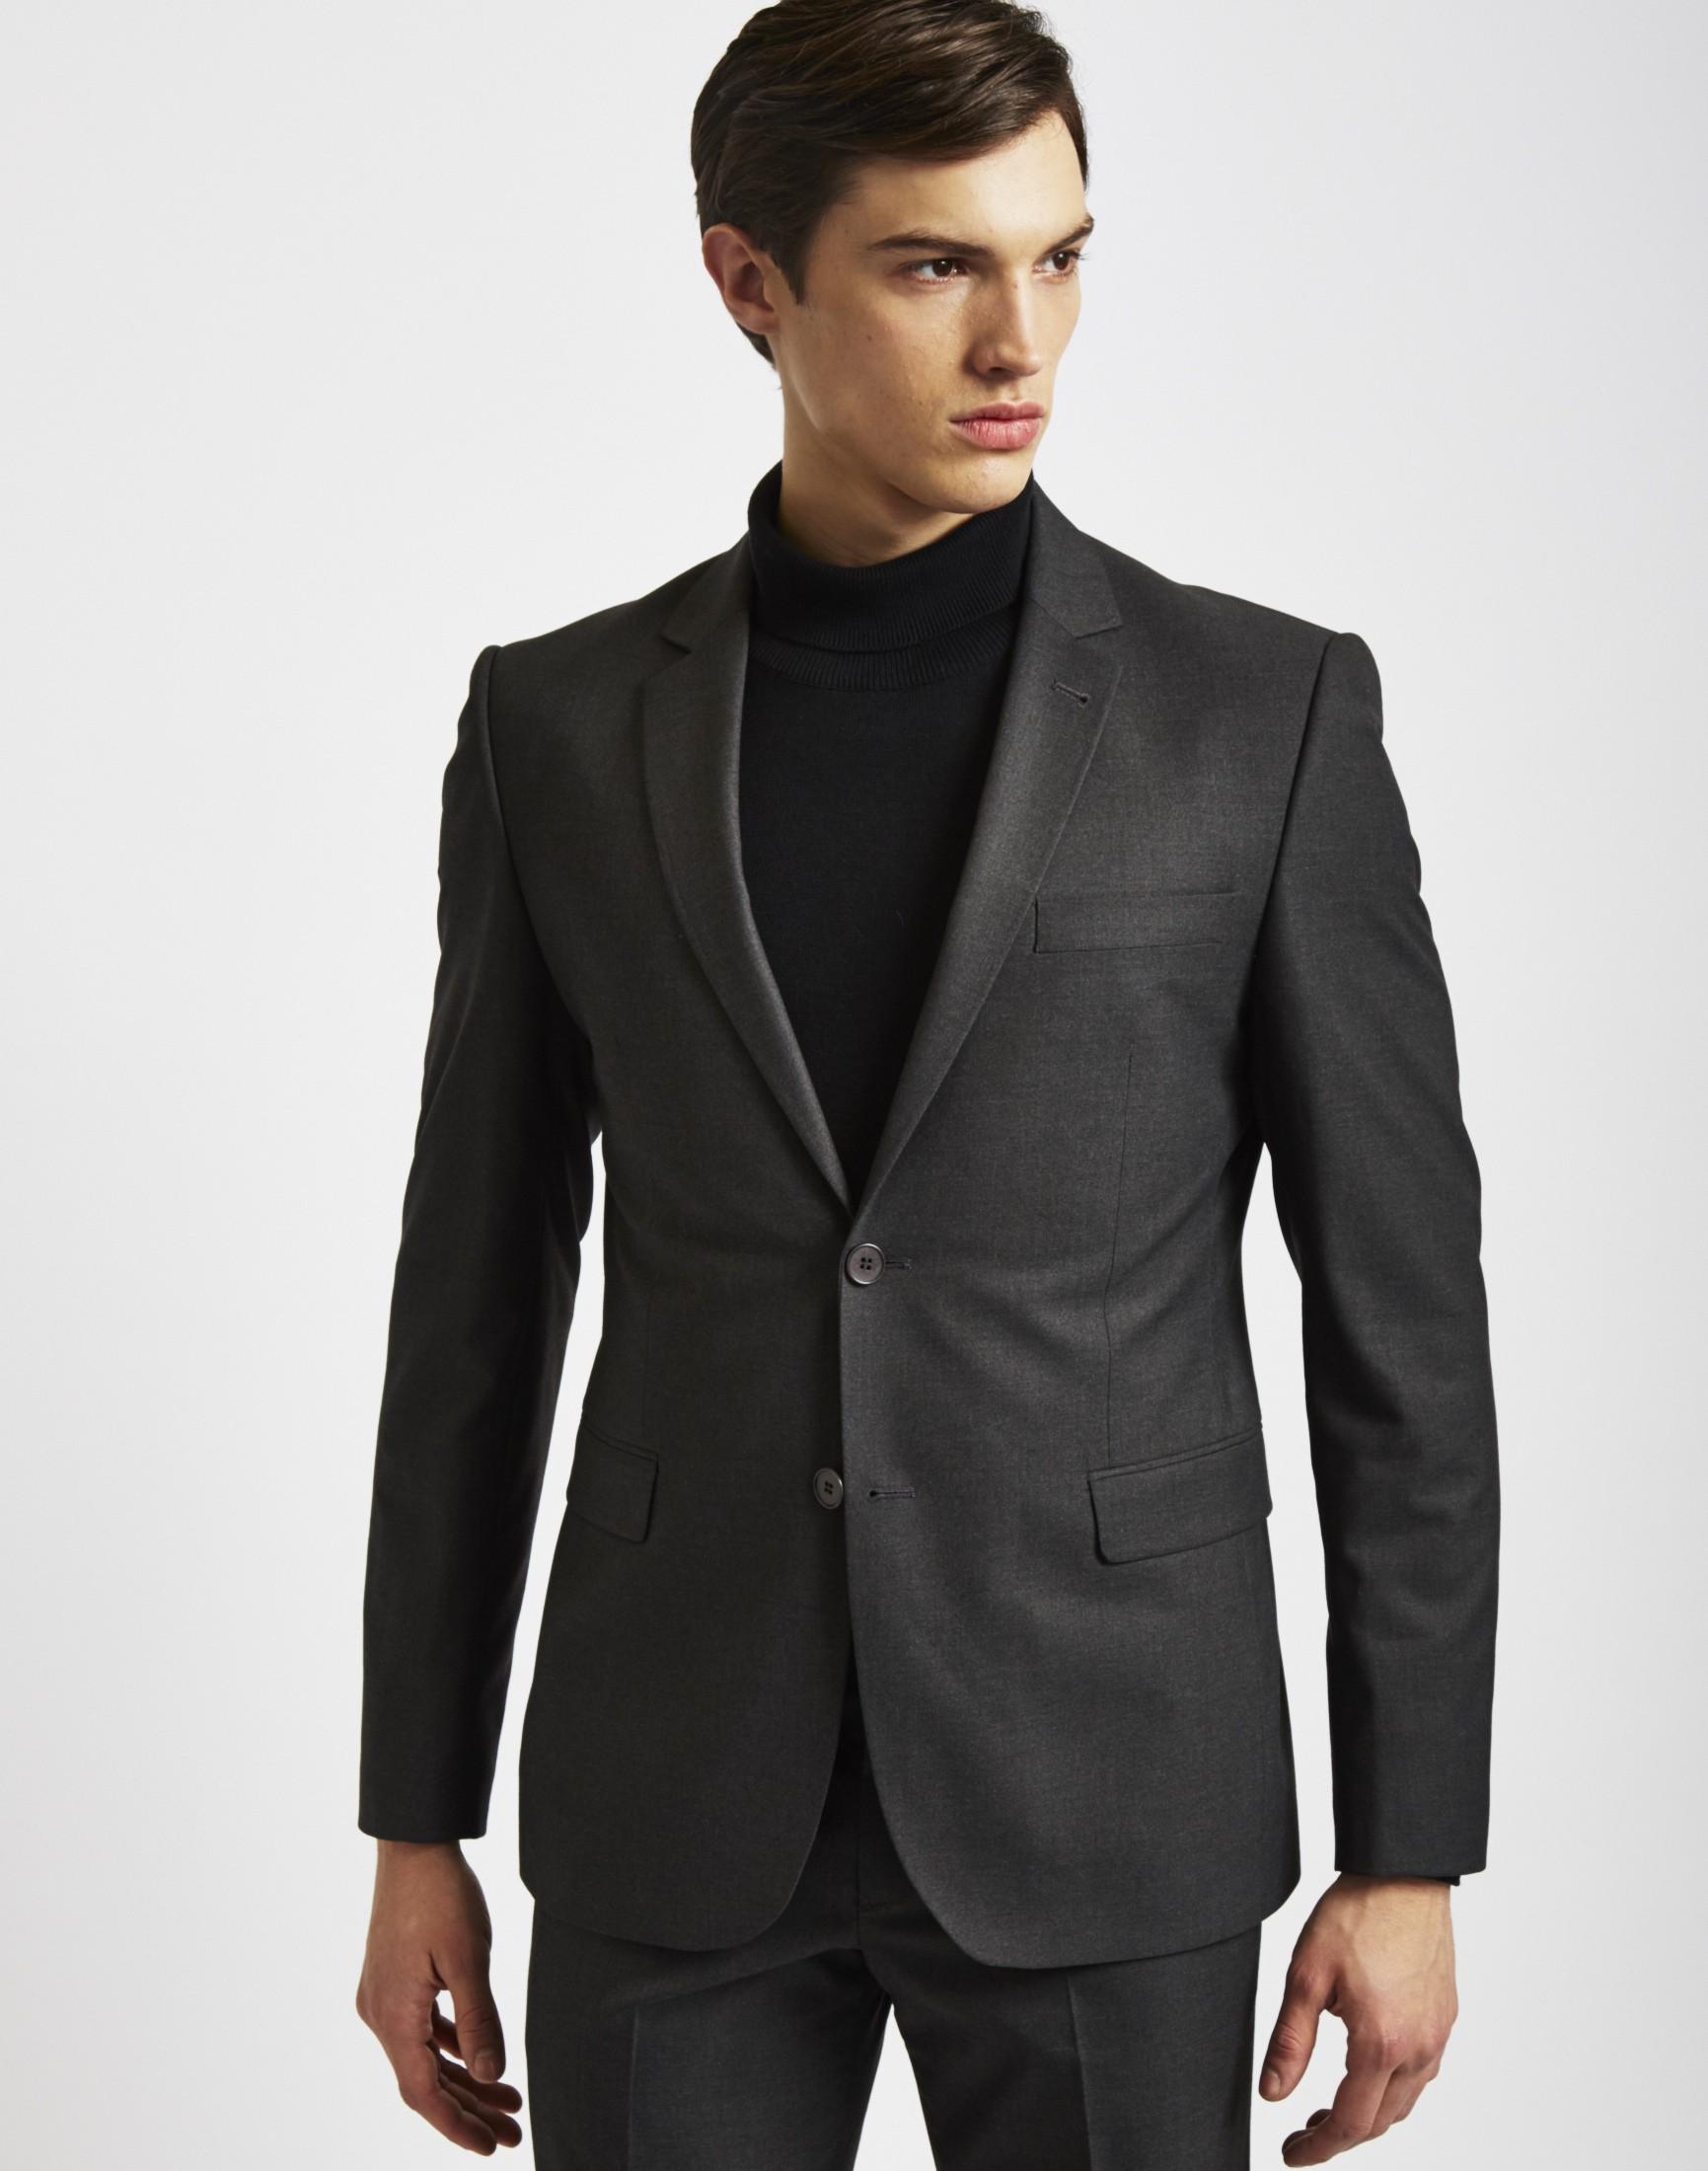 Mens Overcoats | Ralph Lauren Mens Overcoat | Designer Overcoats for Men